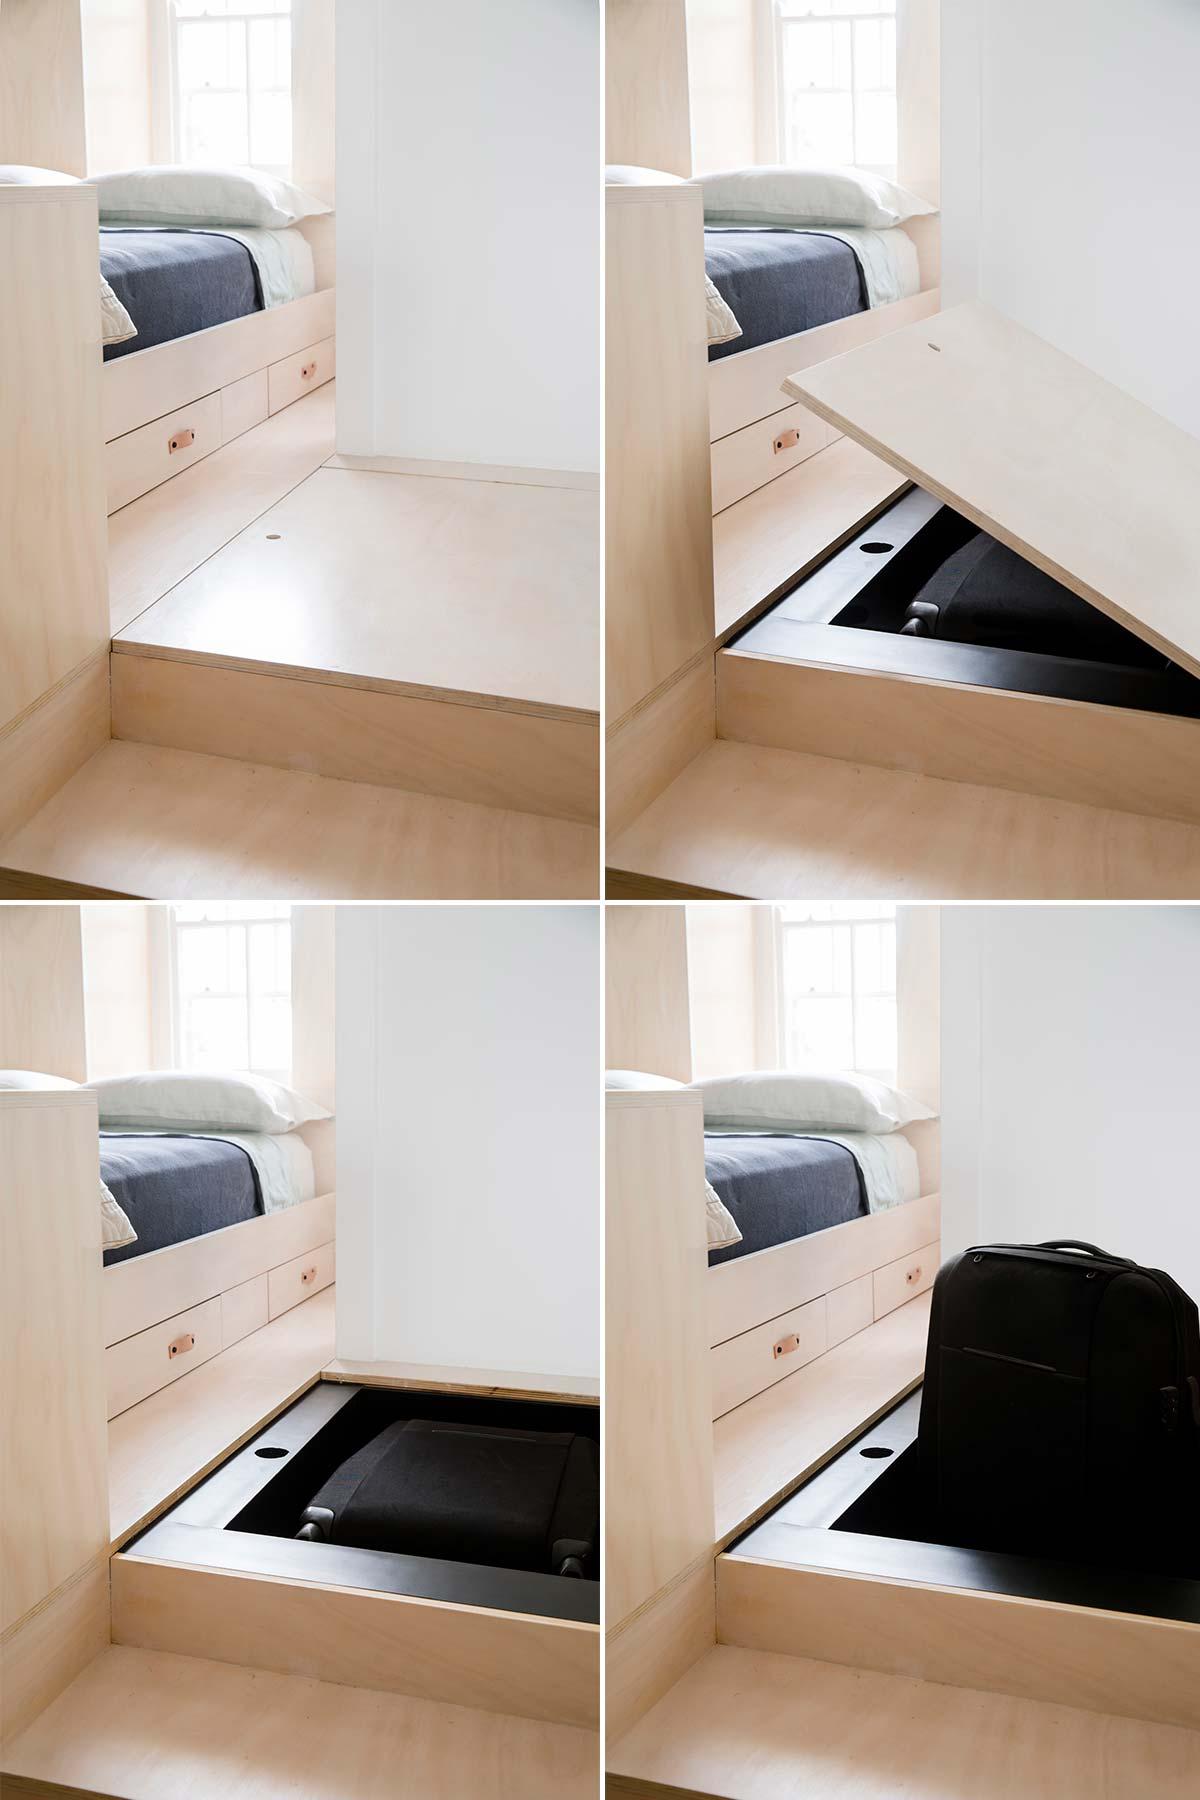 Дизайн интерьера маленькой квартиры в Сиднее - чемодан в ящике